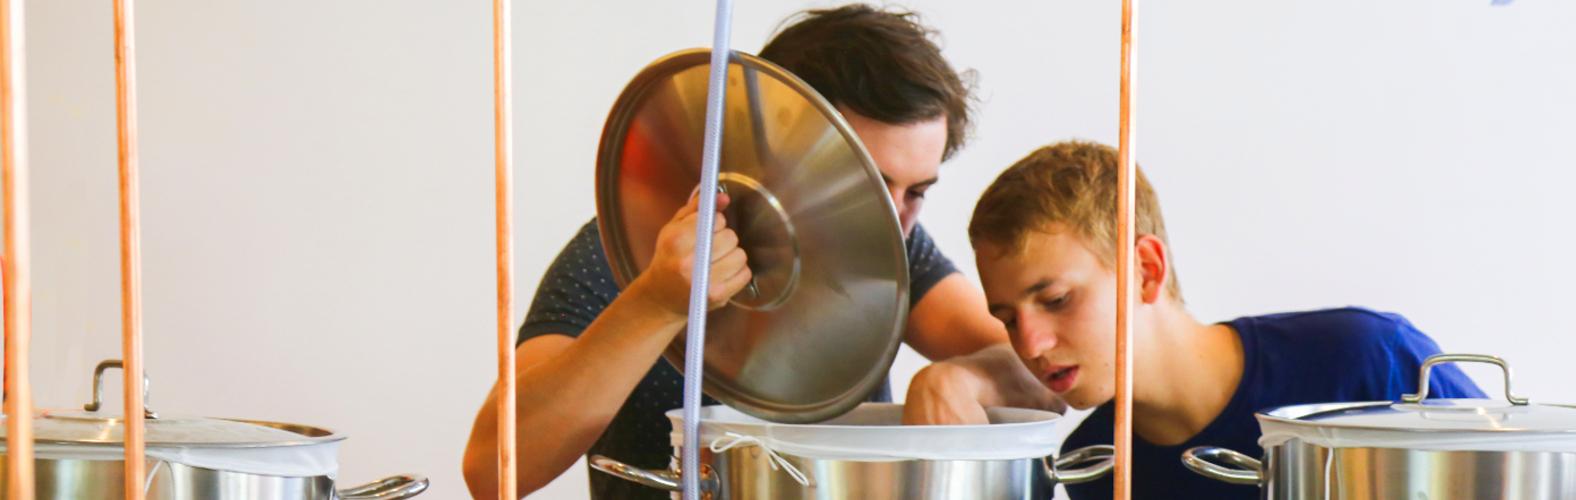 atelier de brassage cours débutant